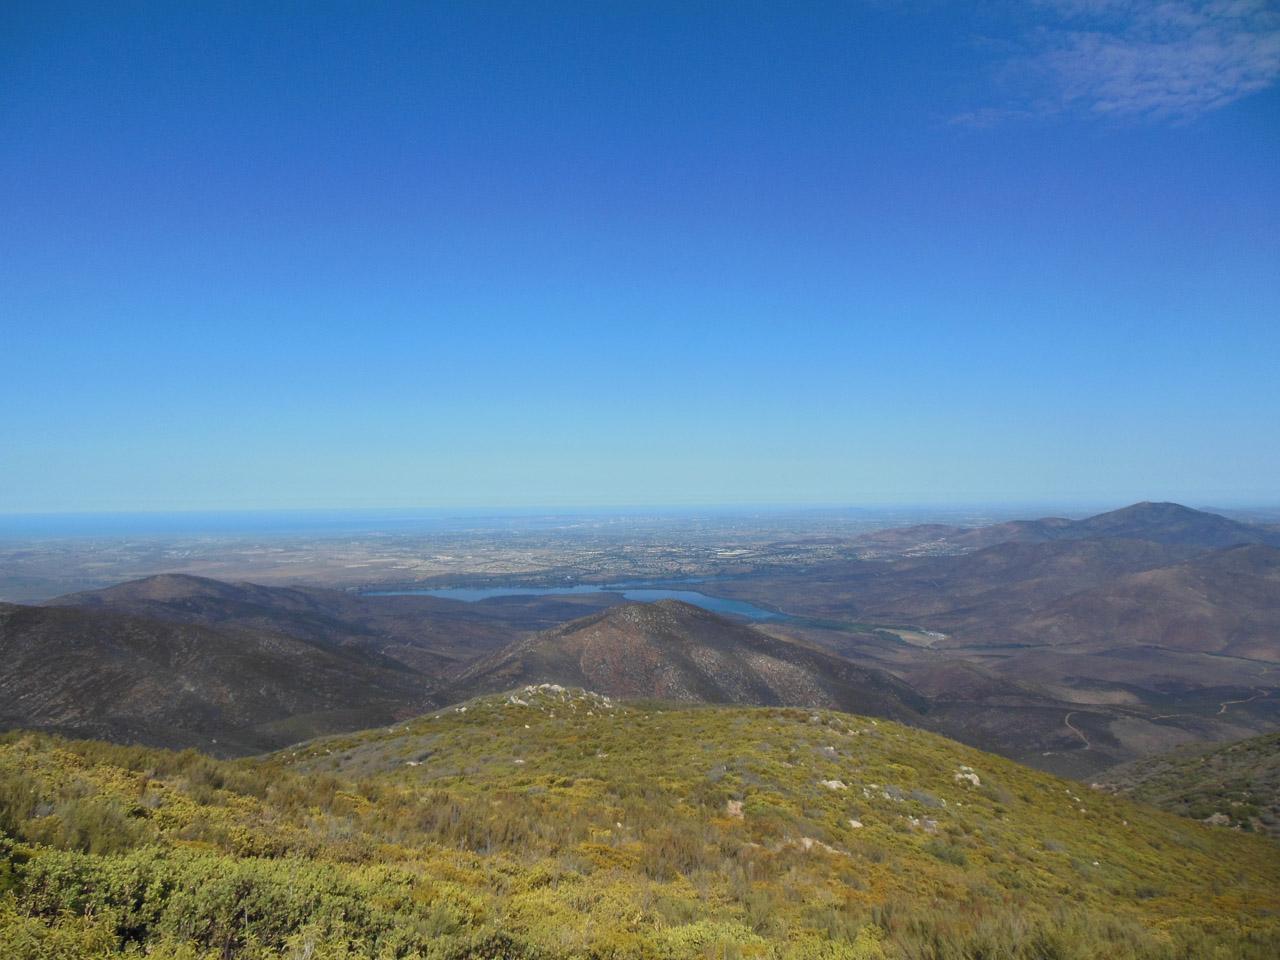 Otay Mountain Otay Mountain View